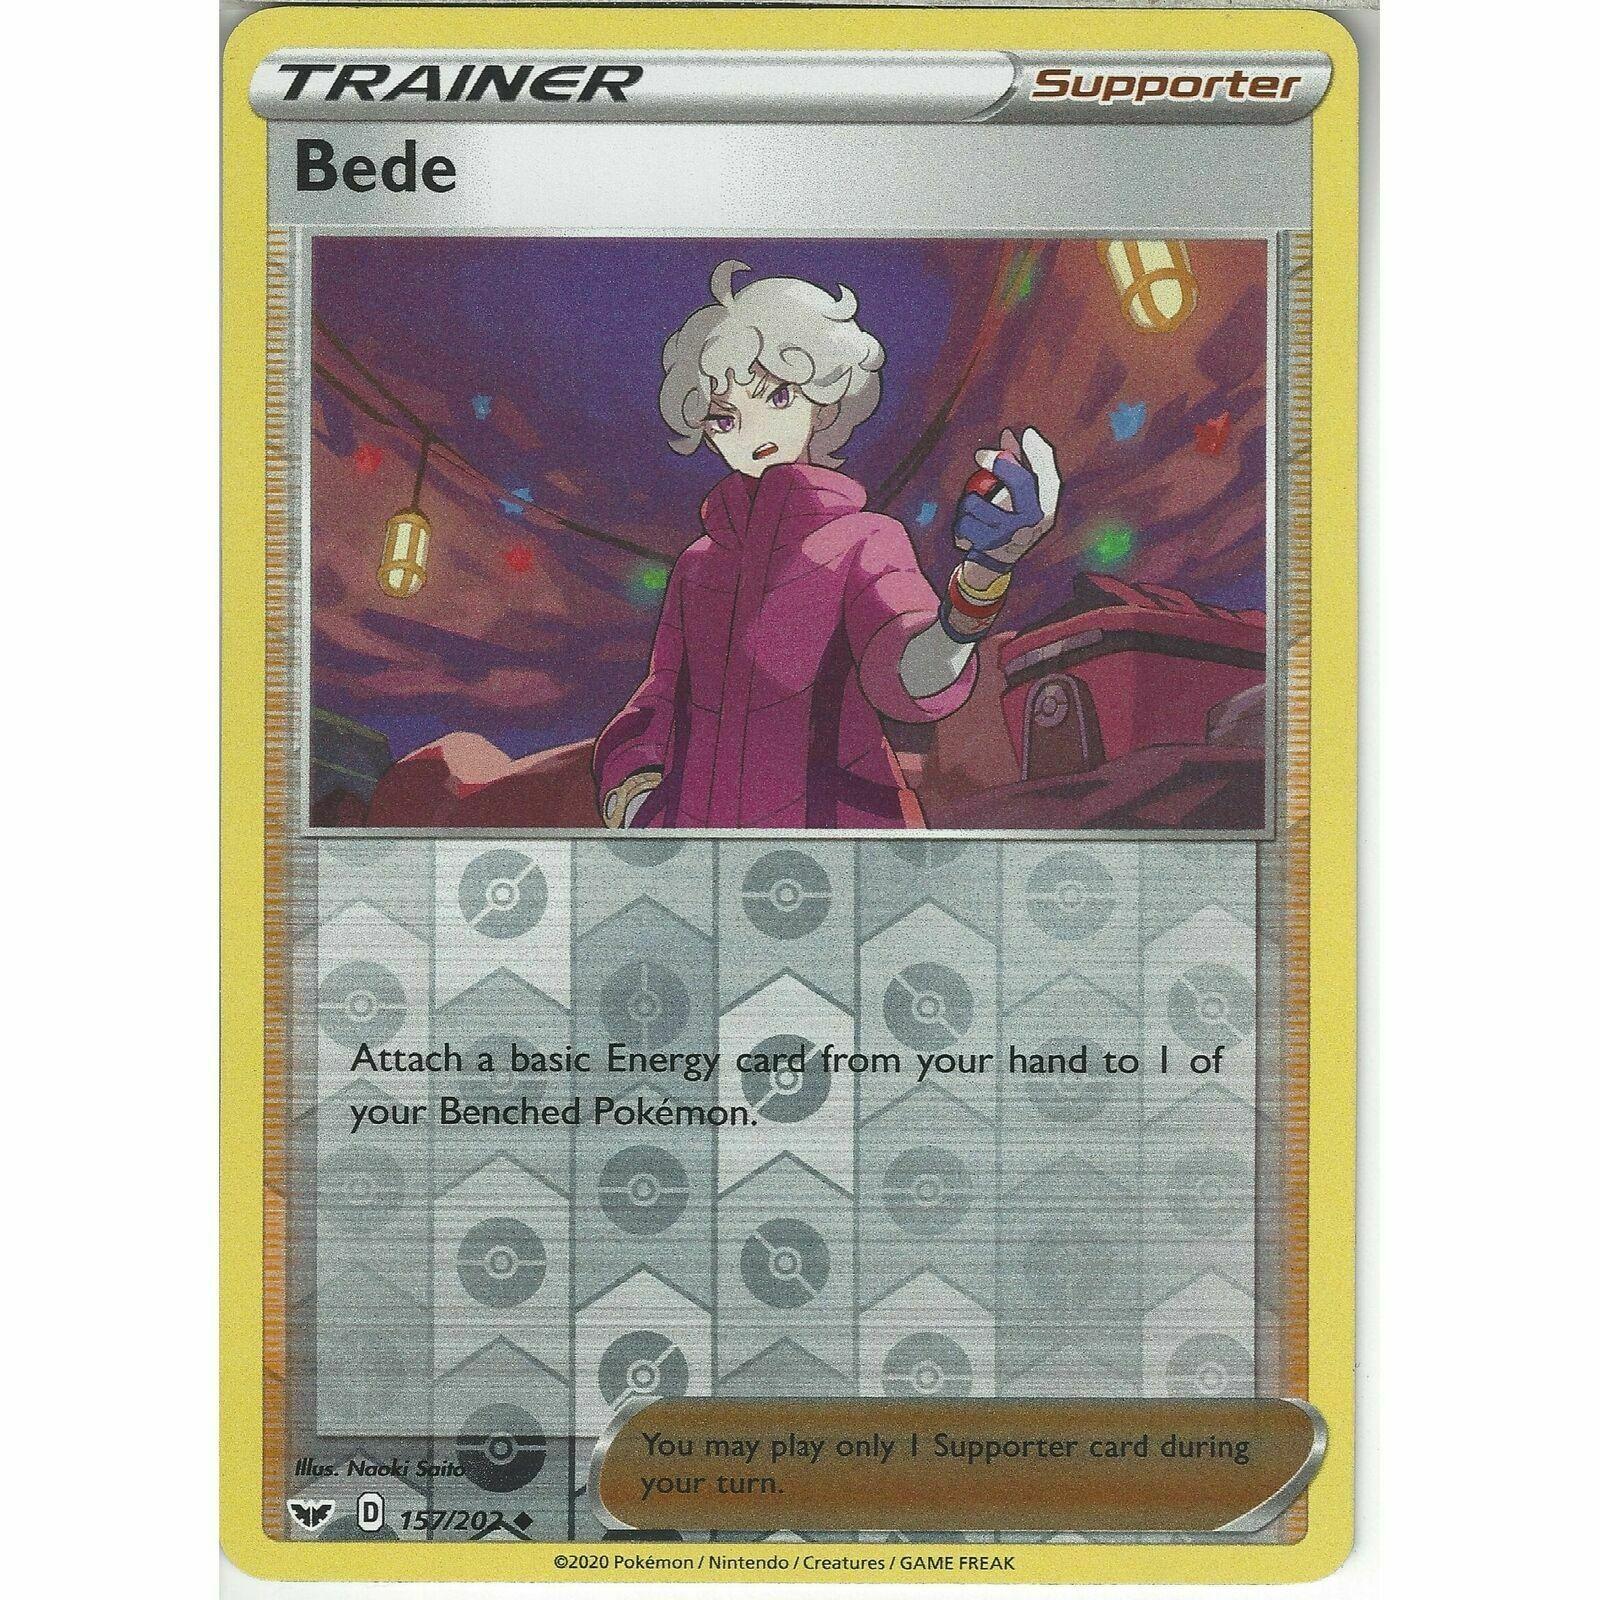 157/202 Bede | Uncommon Reverse Holo Card | Pokemon TCG Sword & Shield Base Set - Image 1